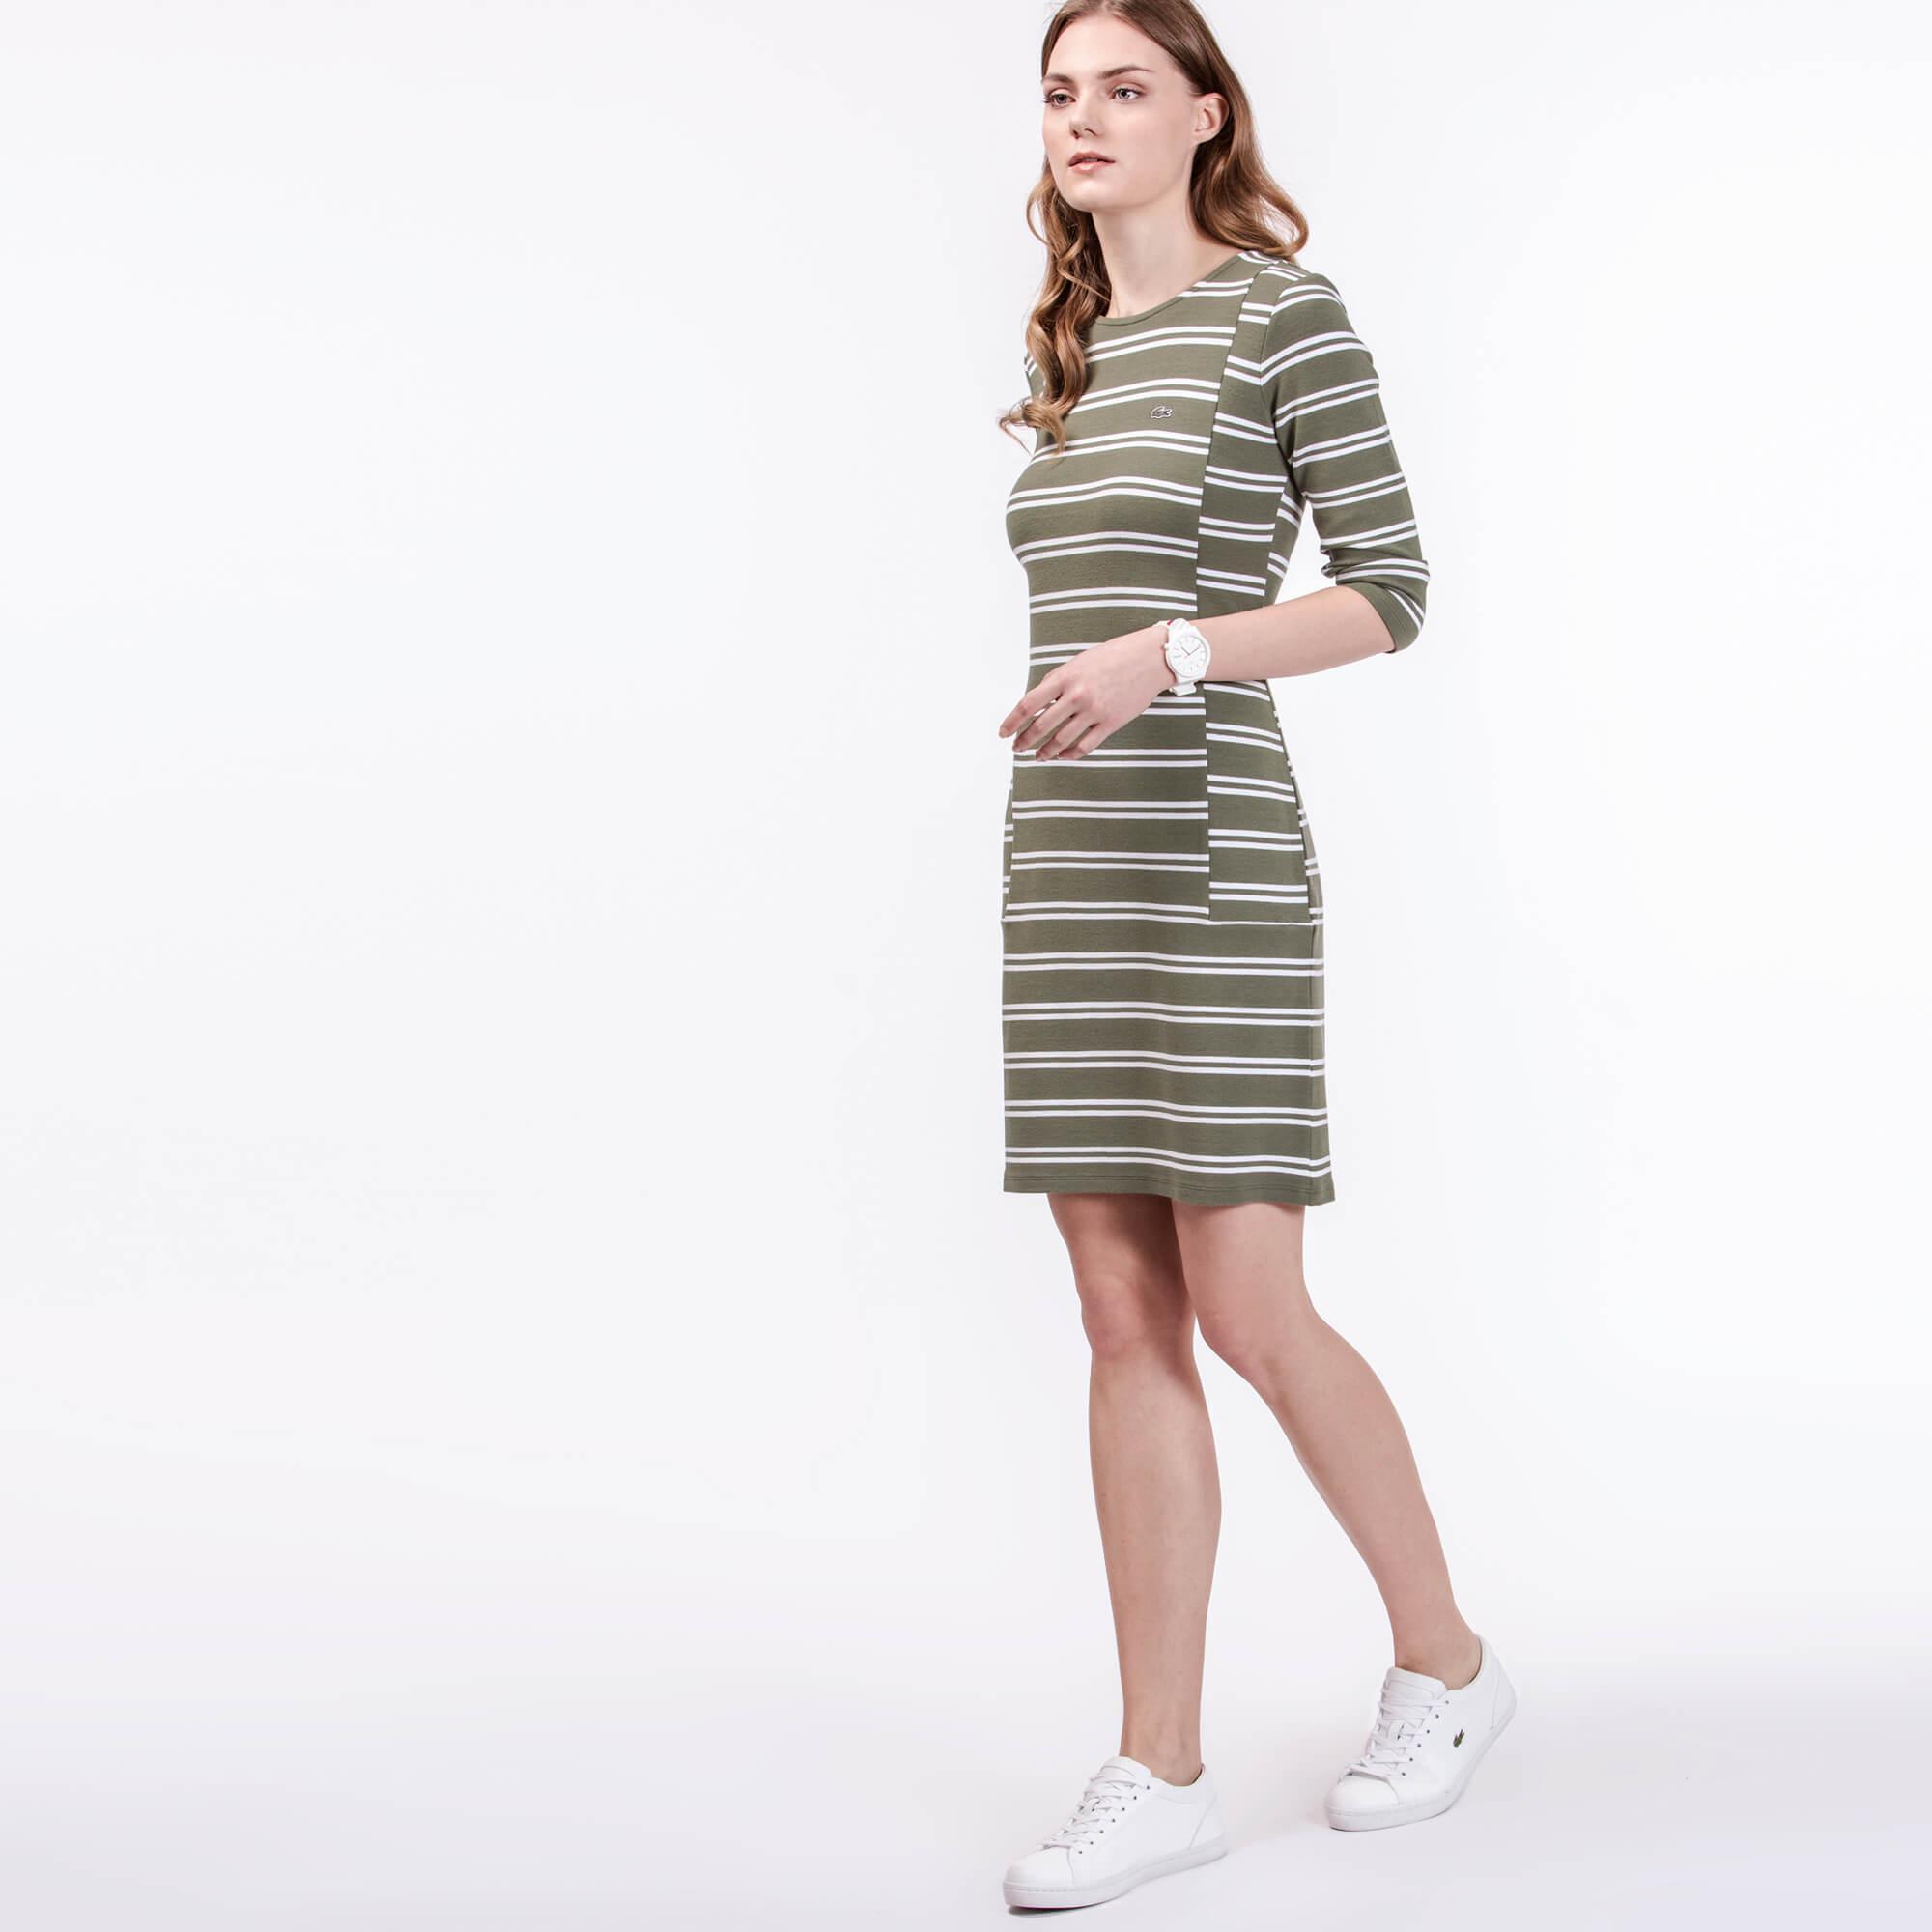 Lacoste Kadın Çizgili Yeşil Elbise